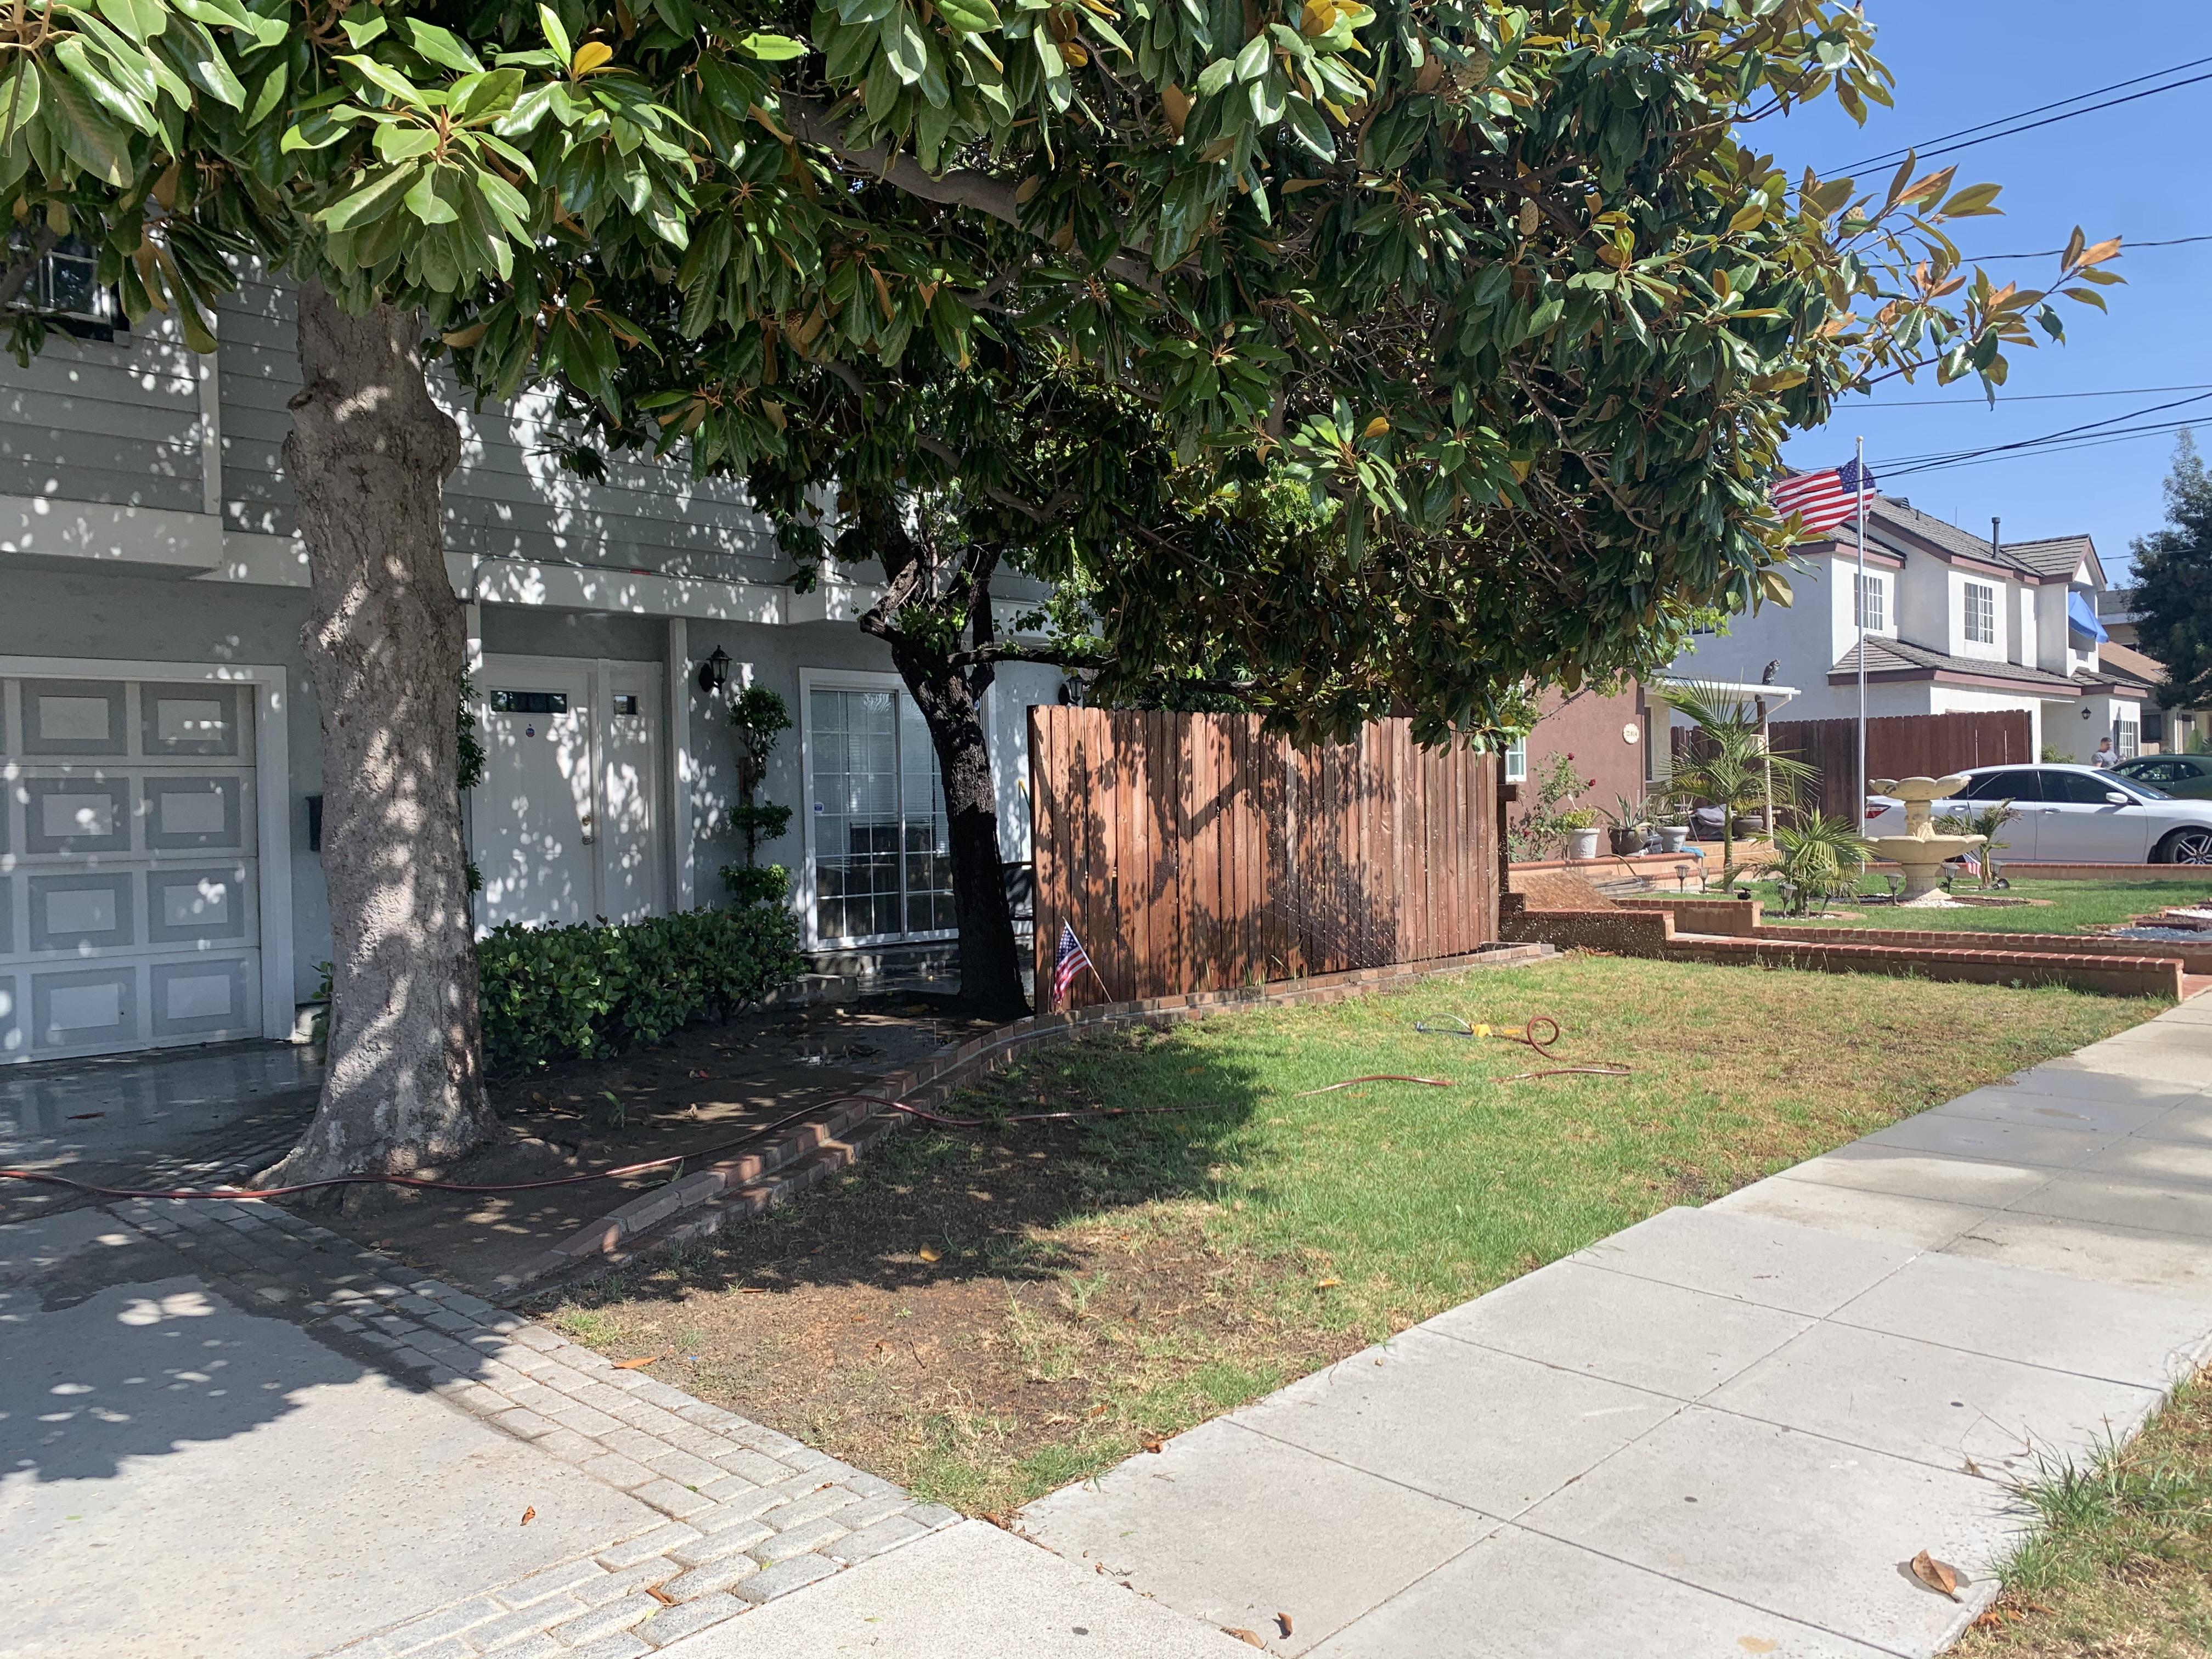 写真:Halldale Ave, Torrance, CA 905012